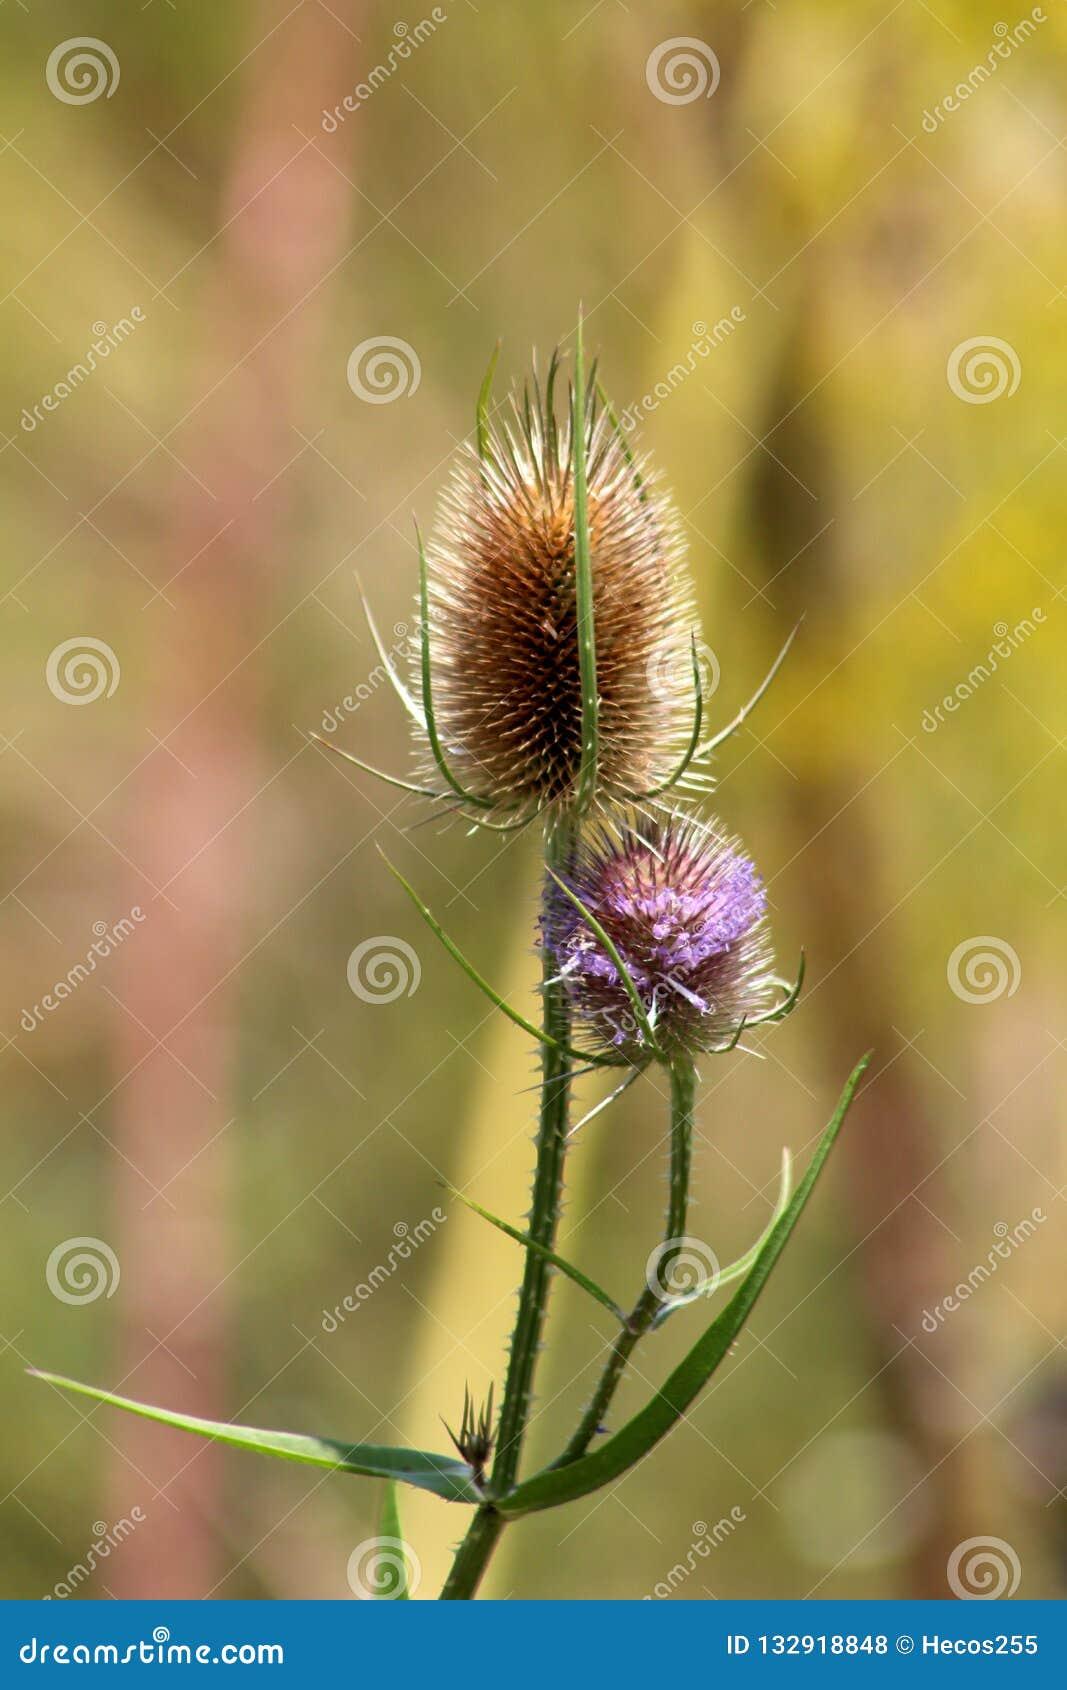 狂放的有多刺的词根和笔直棕色蛋形头状花序的起毛机或川续断属fullonum植物部分填满与小